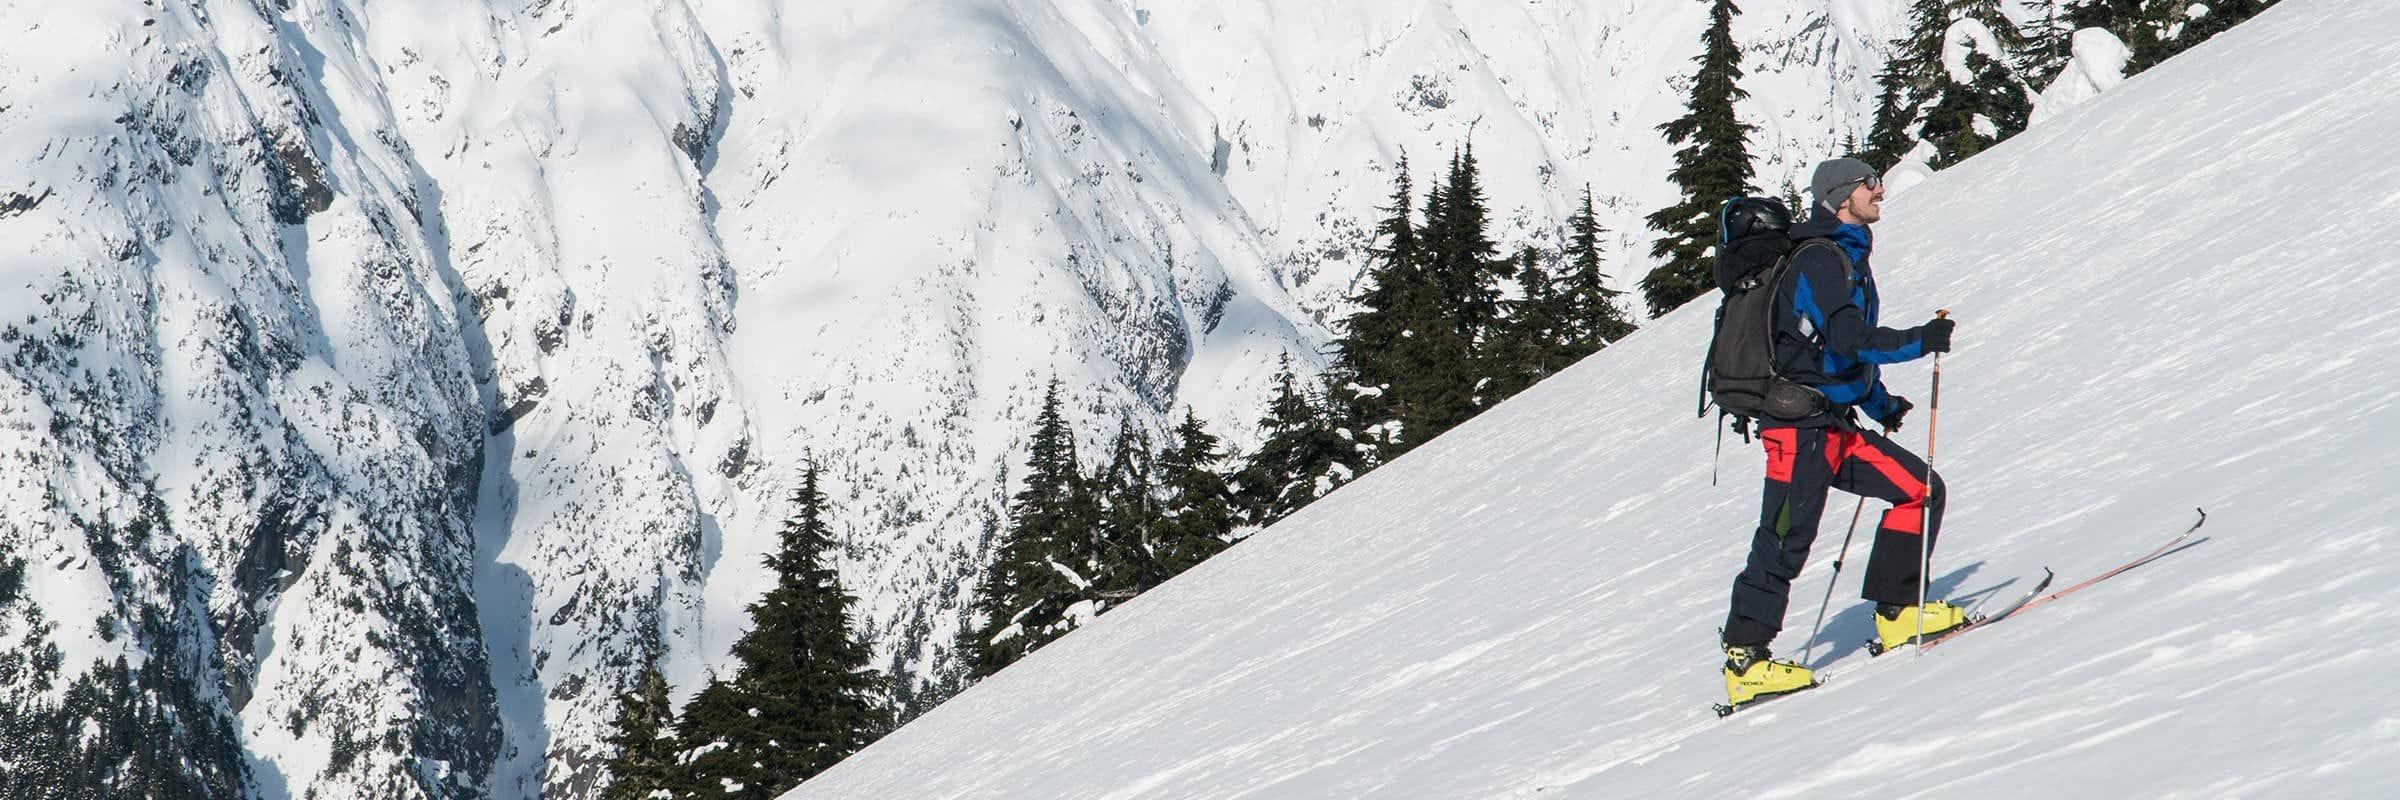 Revue du pantalon de ski Gravity 3 couches de Peak Performance